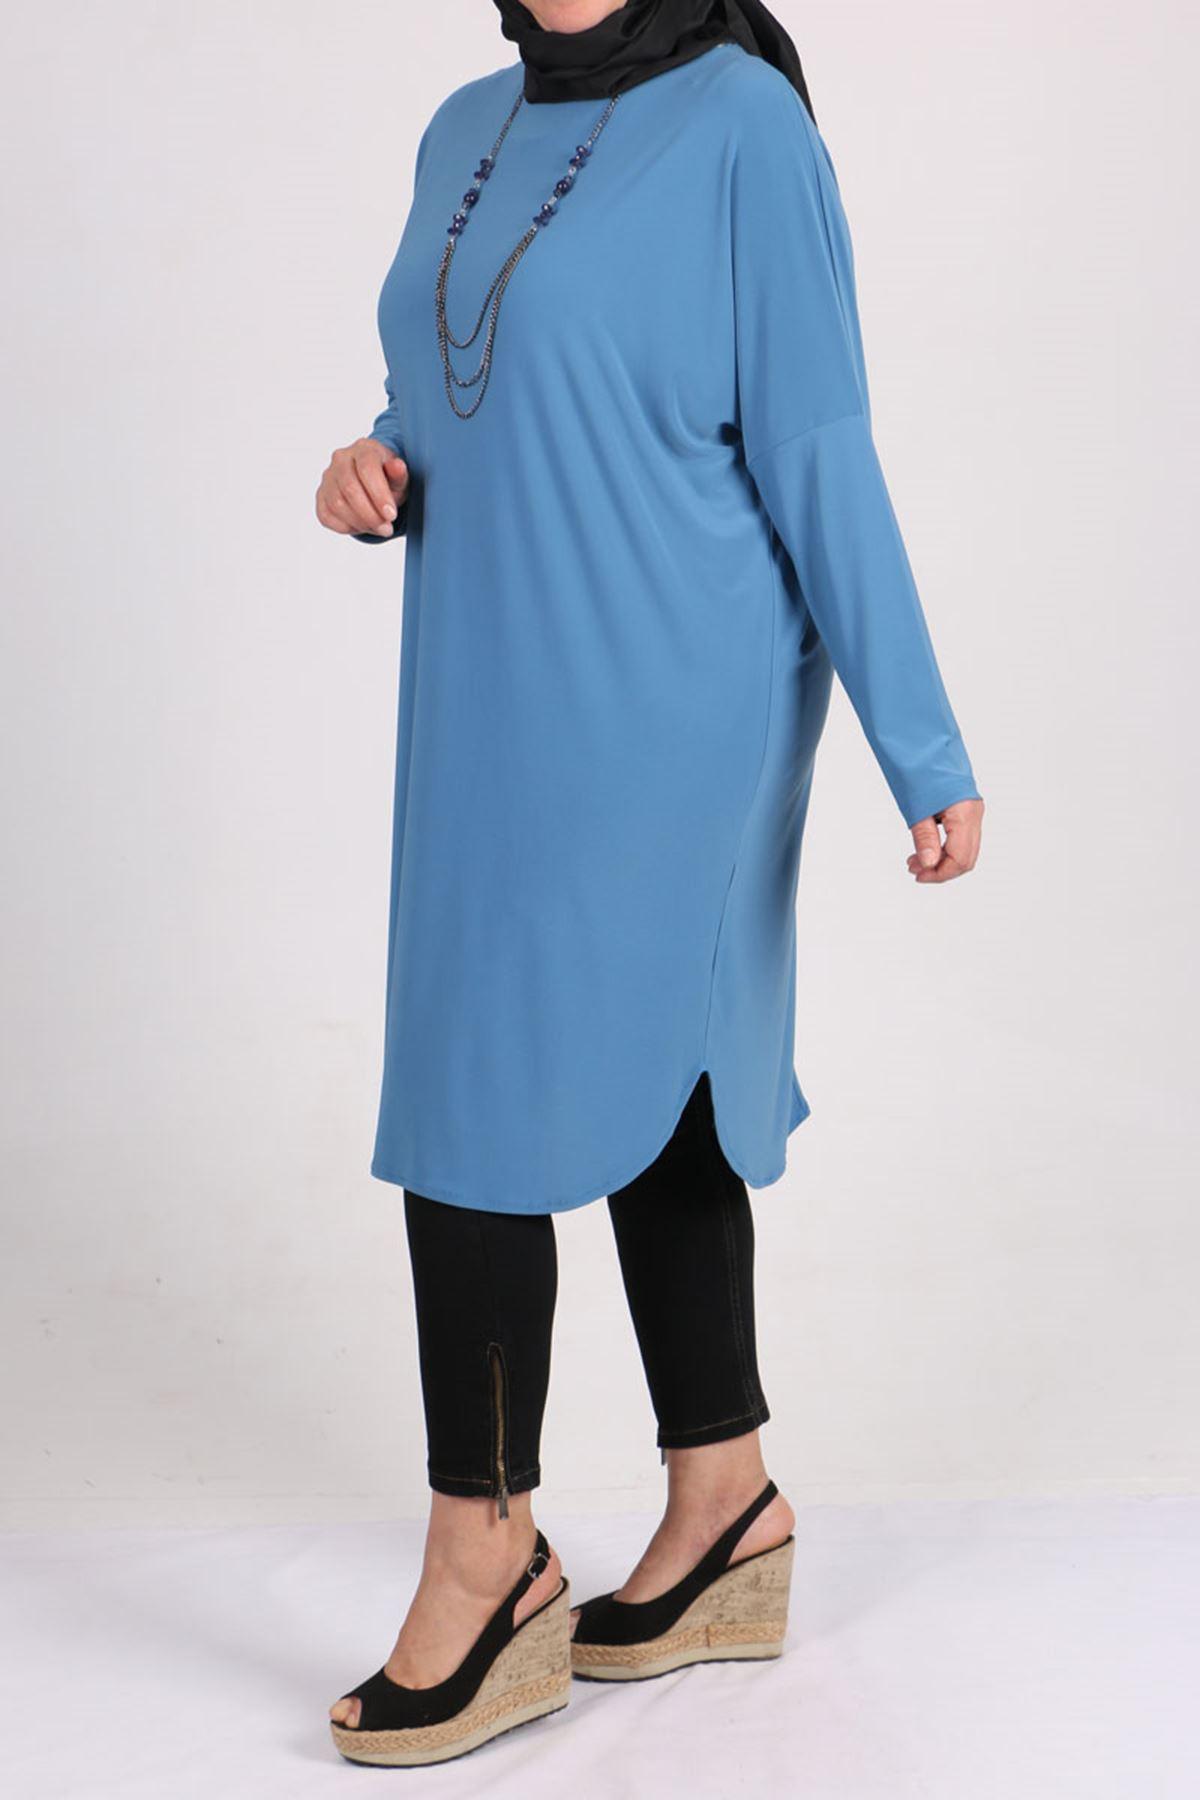 8459 Büyük Beden Düşük Kol Sandy Tunik - Bebe Mavi